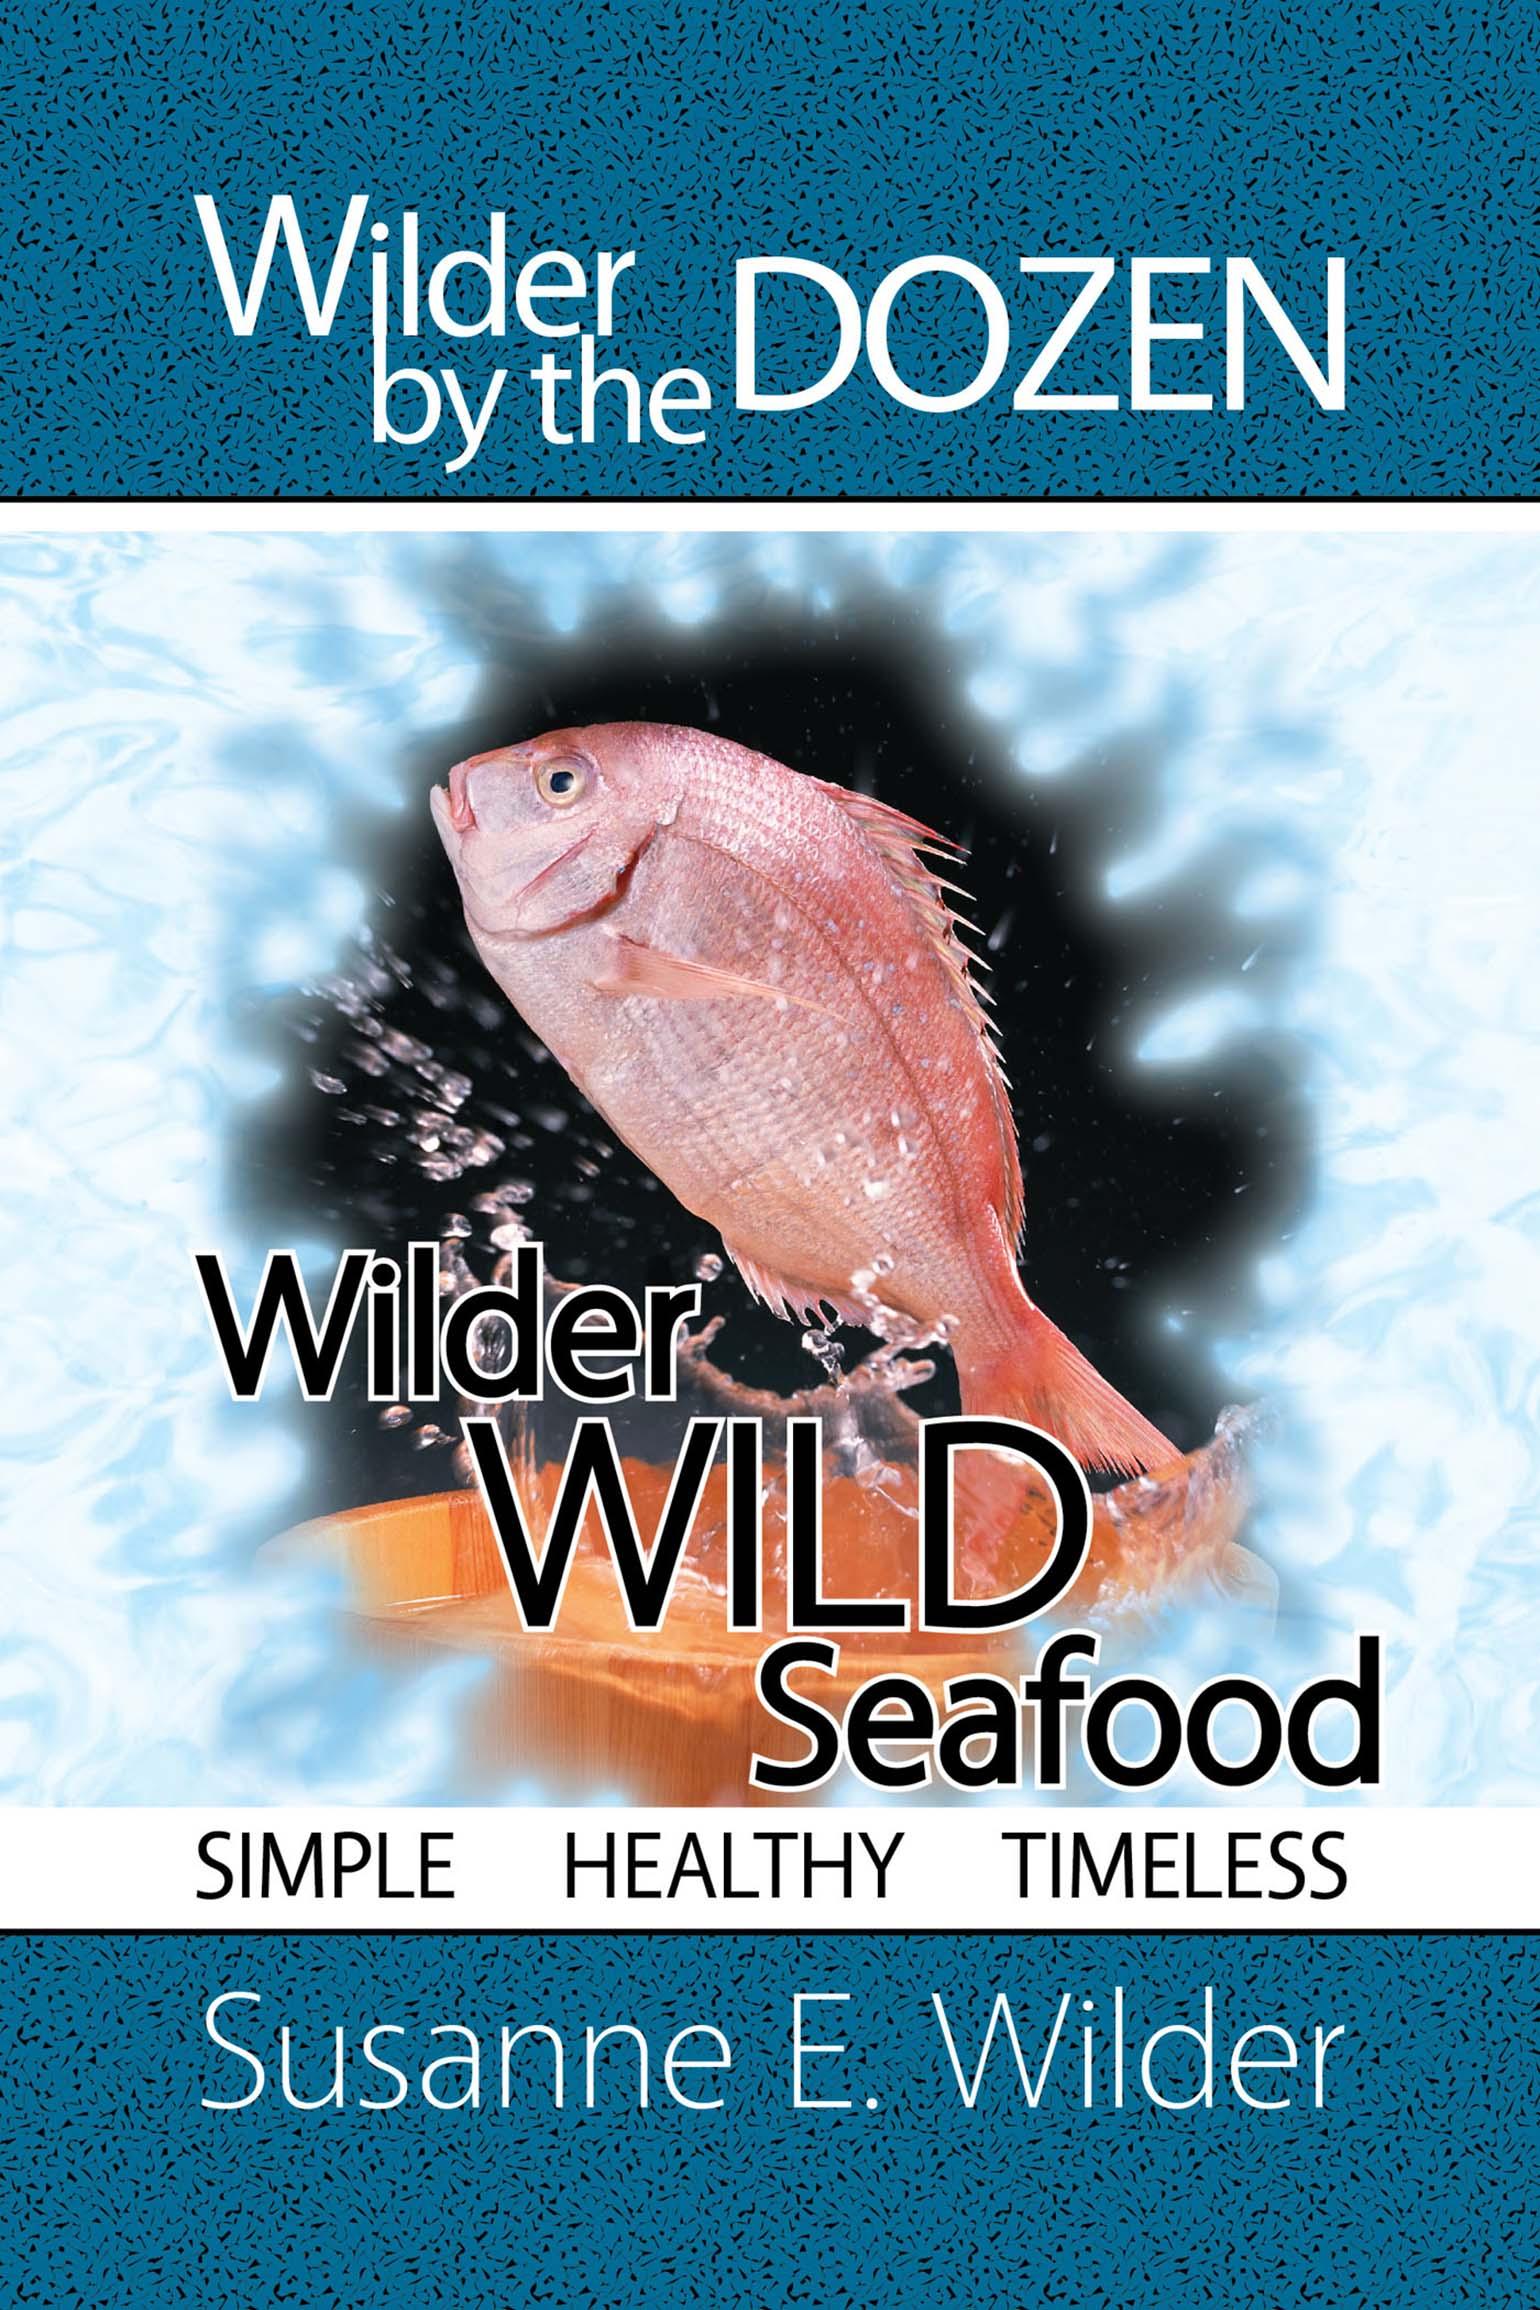 Wilder WILD Seafood